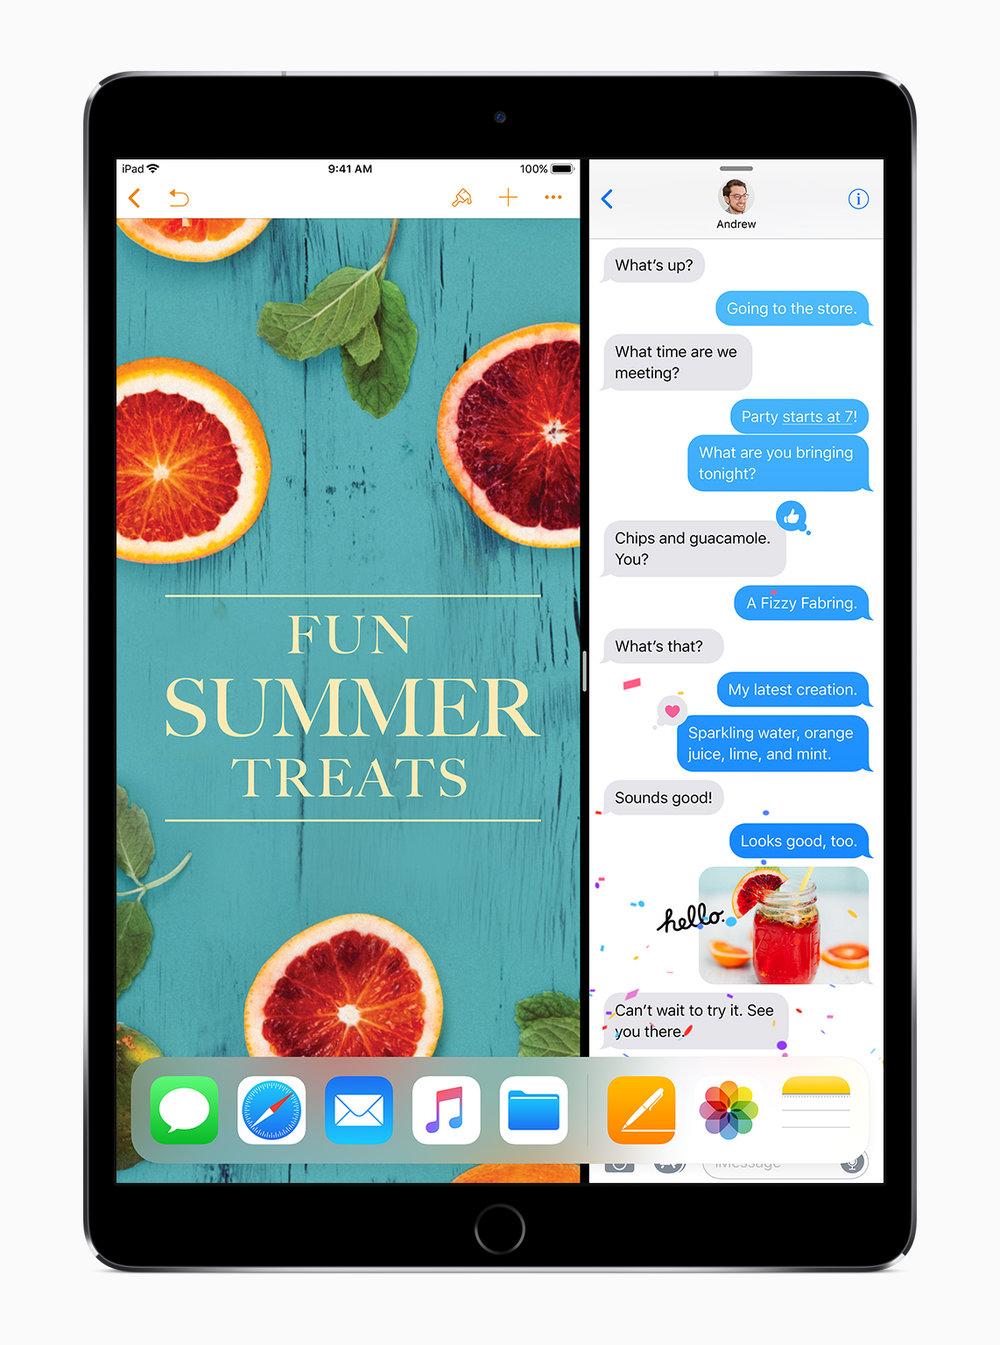 iOS-11-ipad-pro-multi-task.jpg